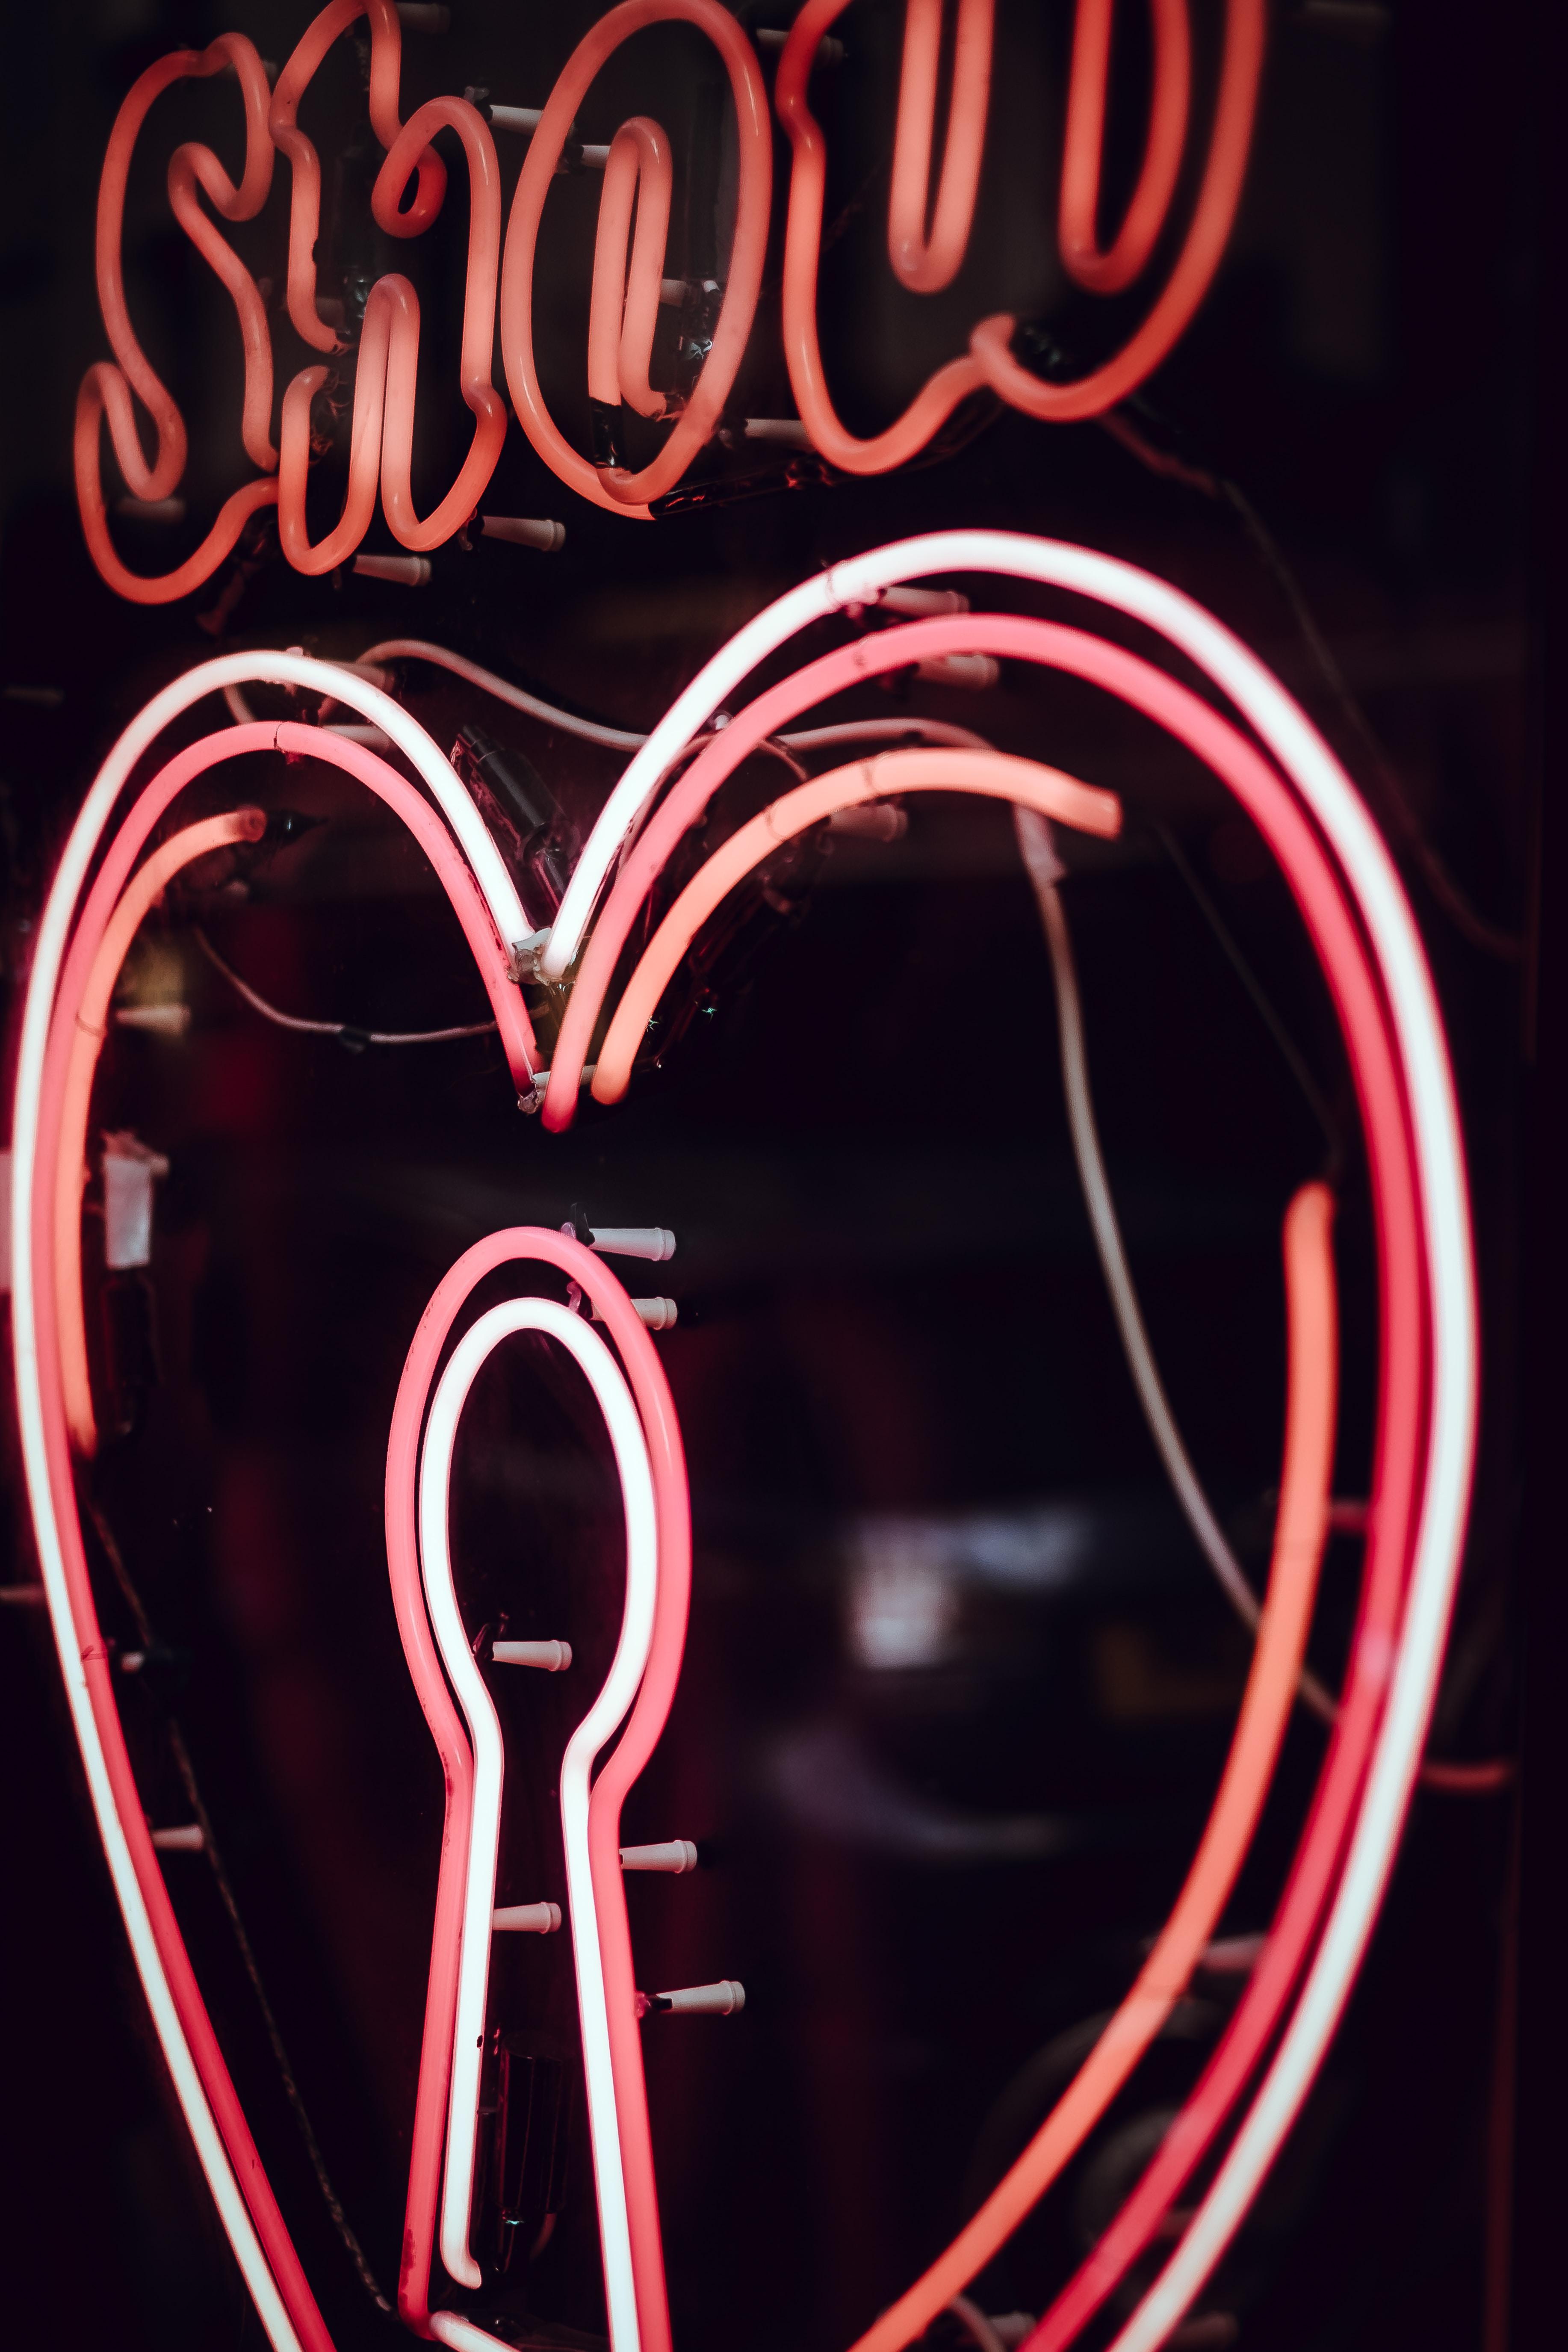 turned on heart LED signage